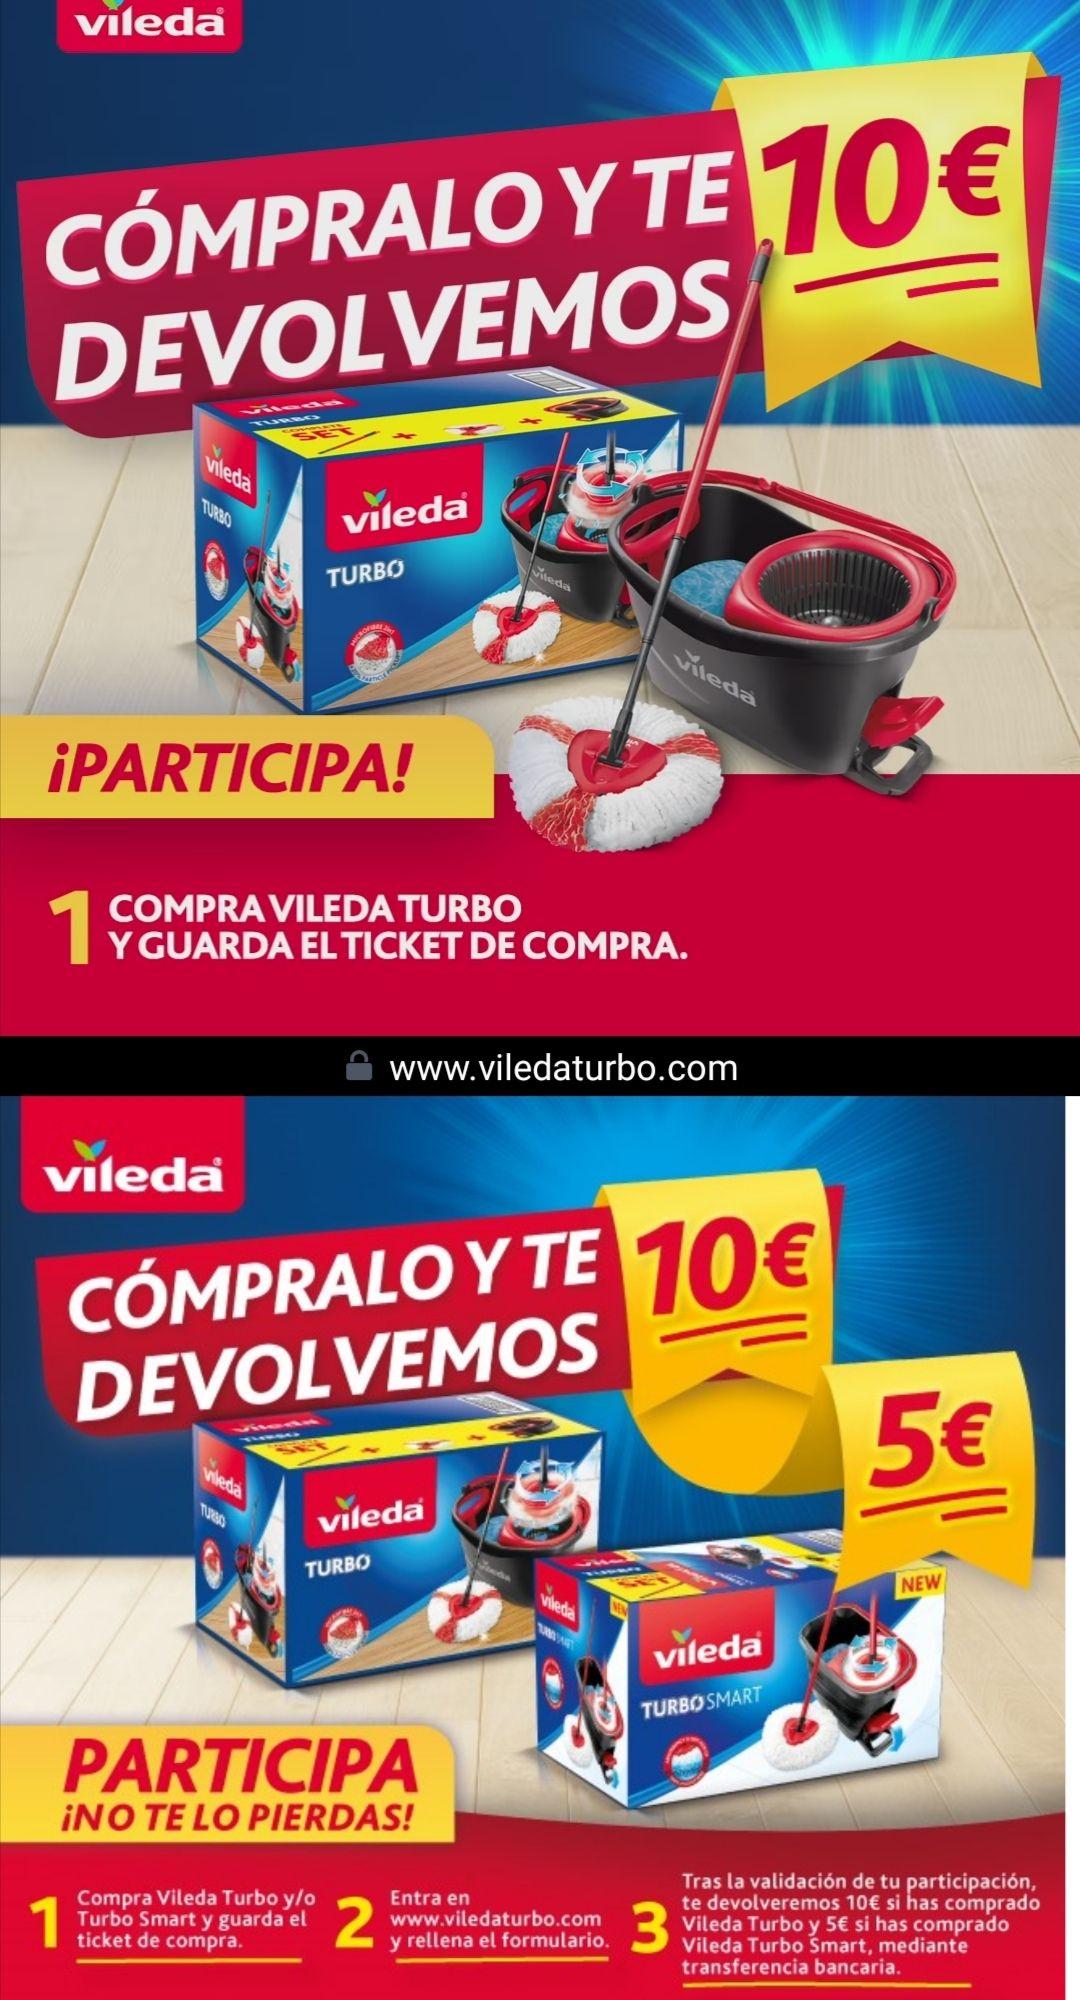 Compra Vileda Turbo y/o Turbo smart (reembolso de 10€ y 5€ respectivamente)